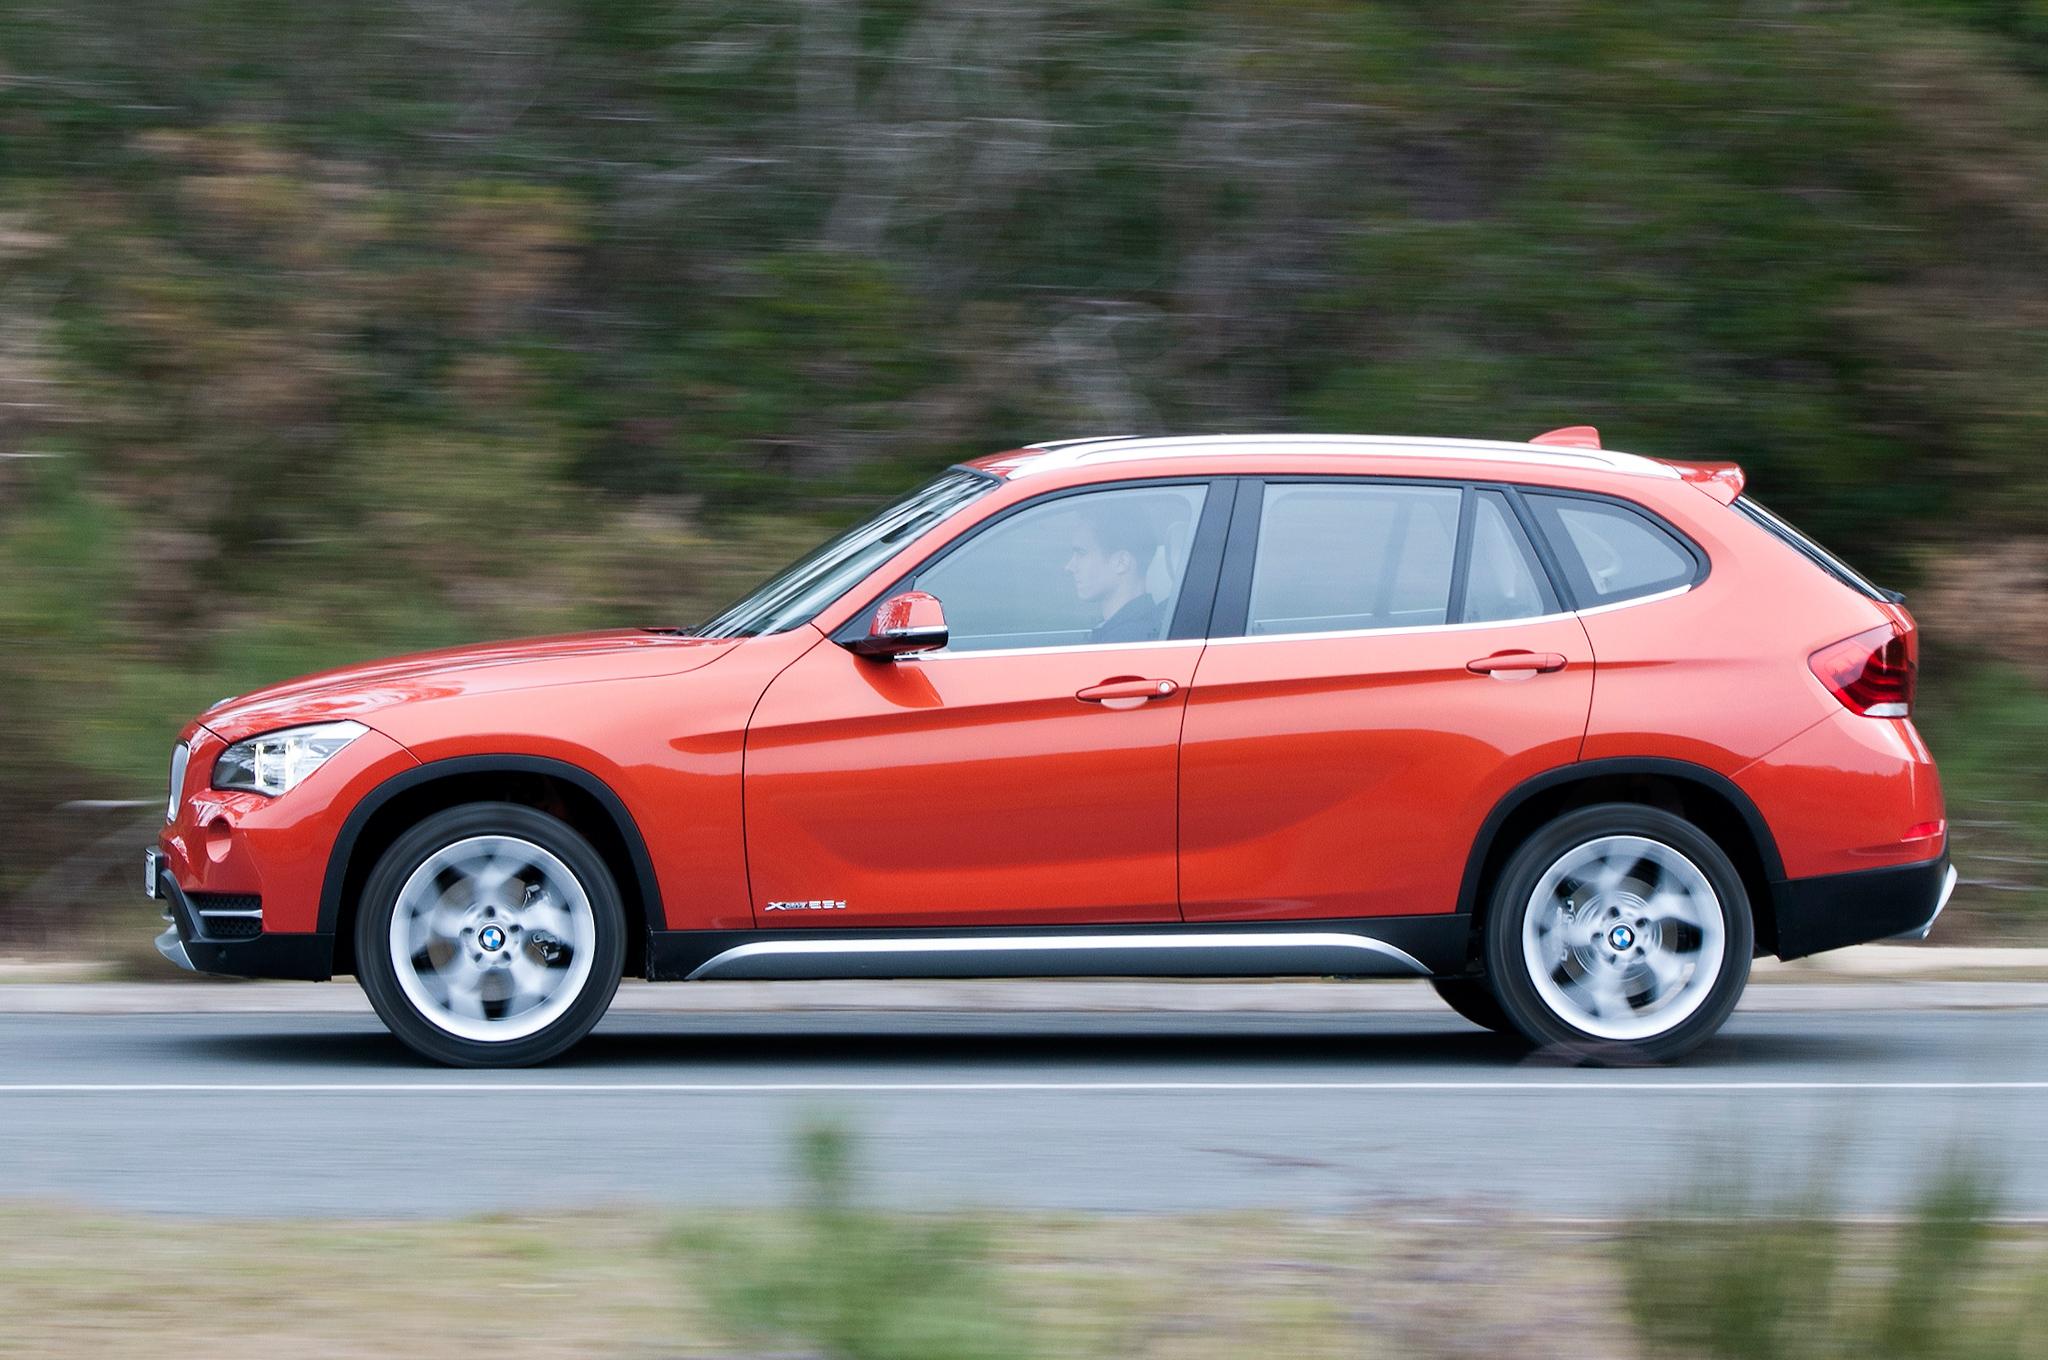 2015 Bmw X1 >> 2015 BMW X1 - Image #21